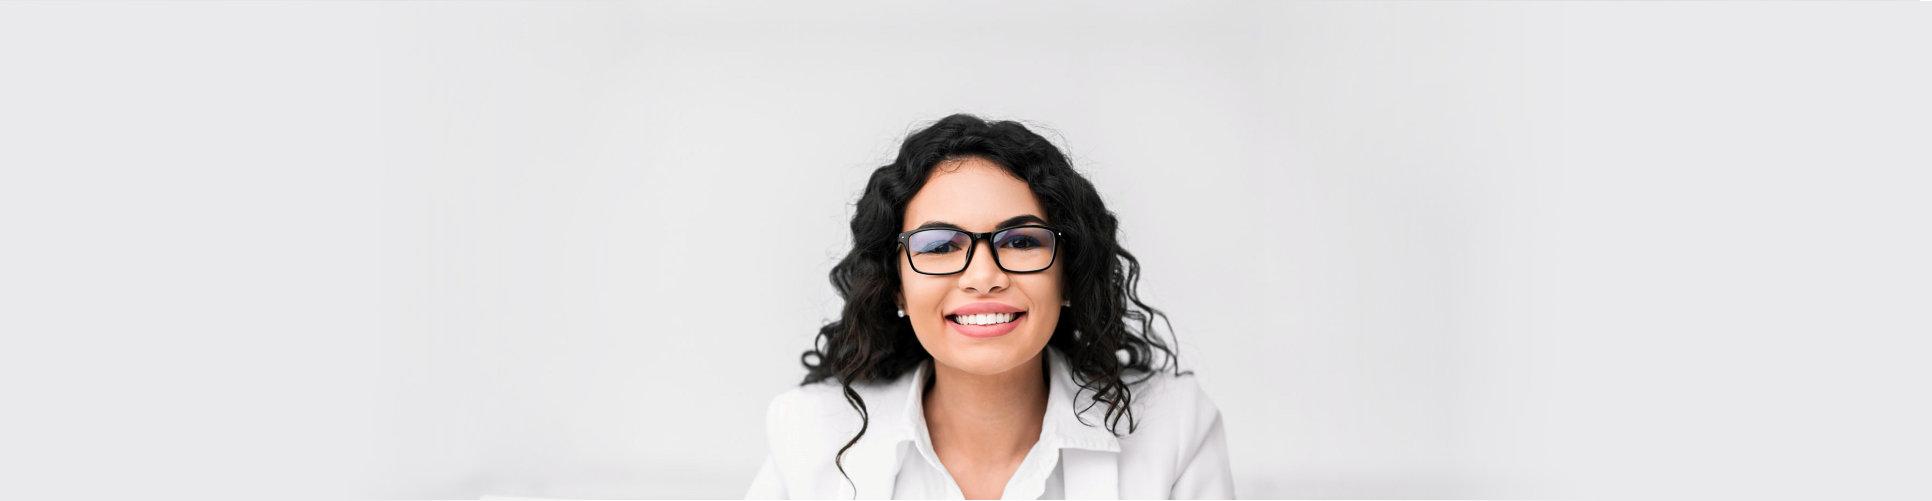 smiling consultant